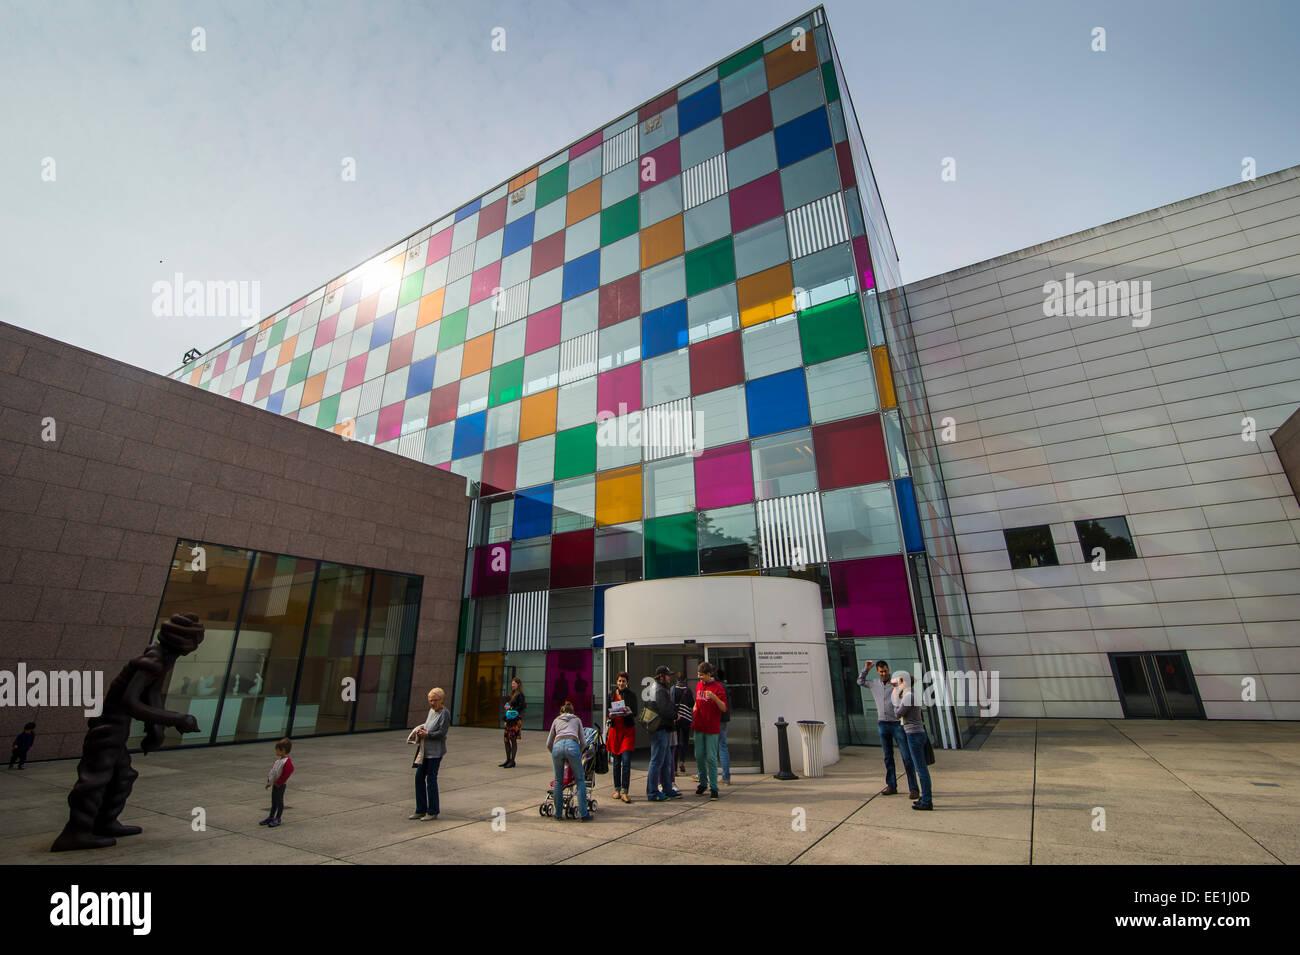 Verres colorés dans le musée d'Art Moderne et Contemporain, Strasbourg, Alsace, France, Europe Photo Stock